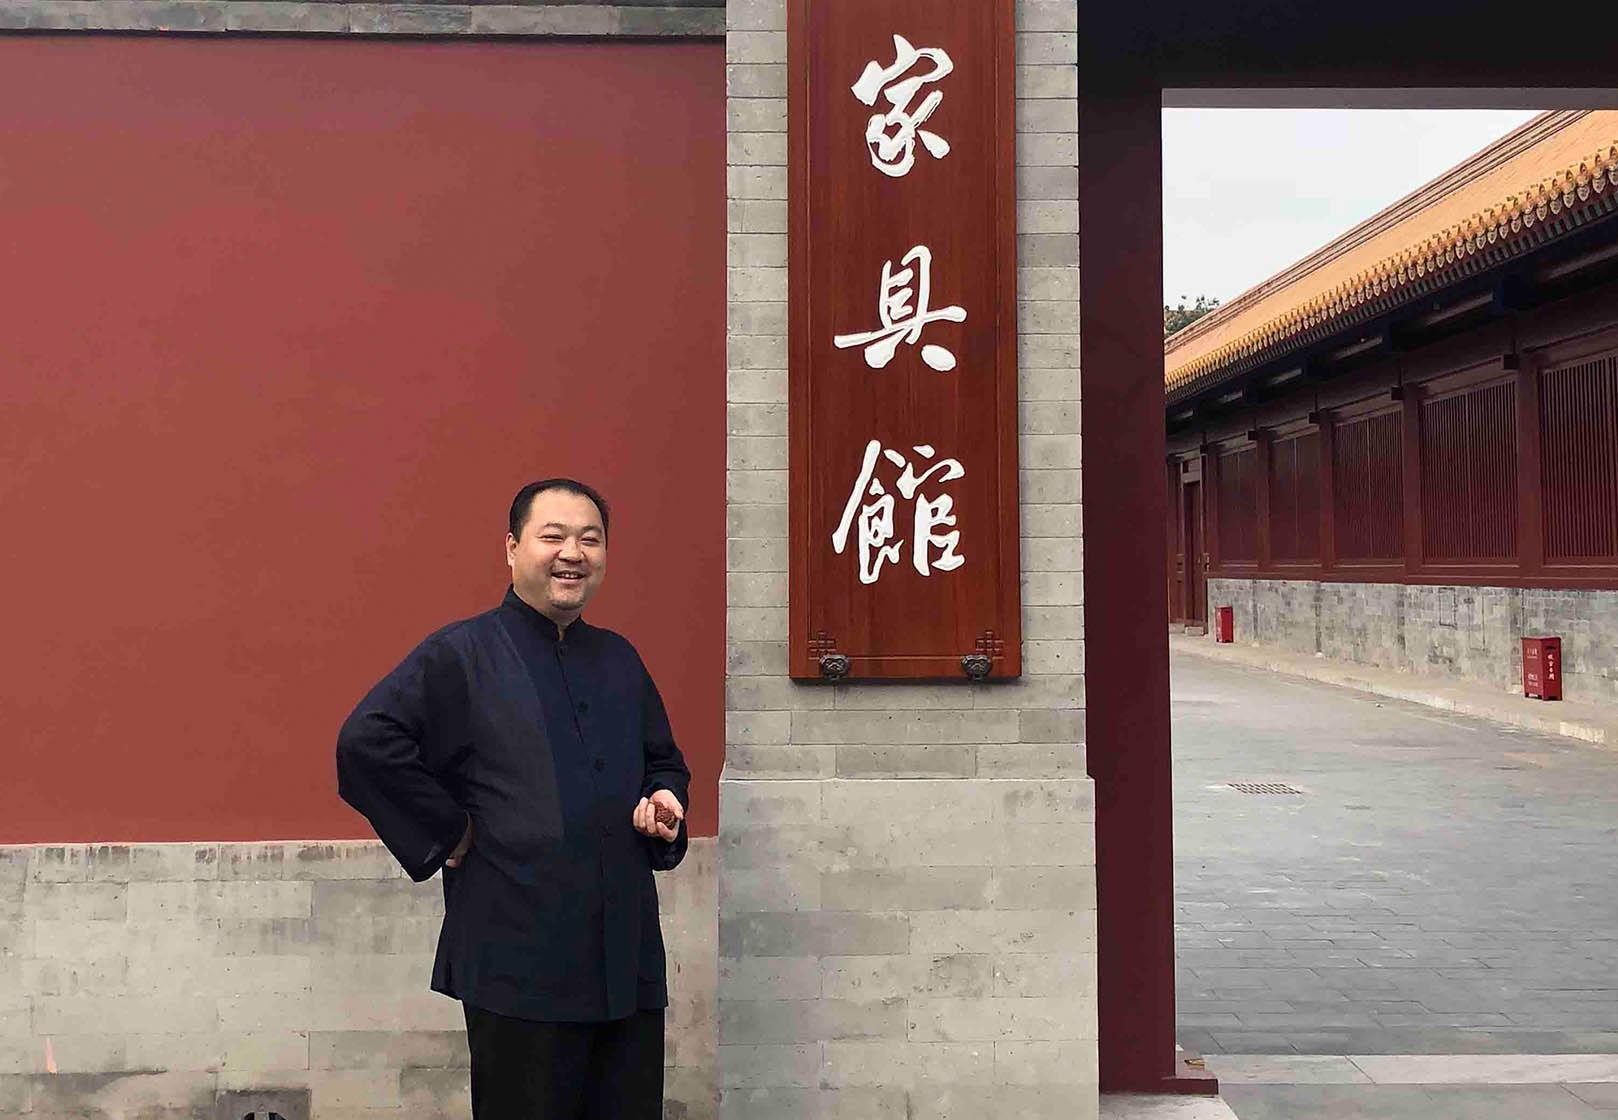 故宫南大库仓新开家具馆,明清宫廷家具300余件不再深藏以储式展示